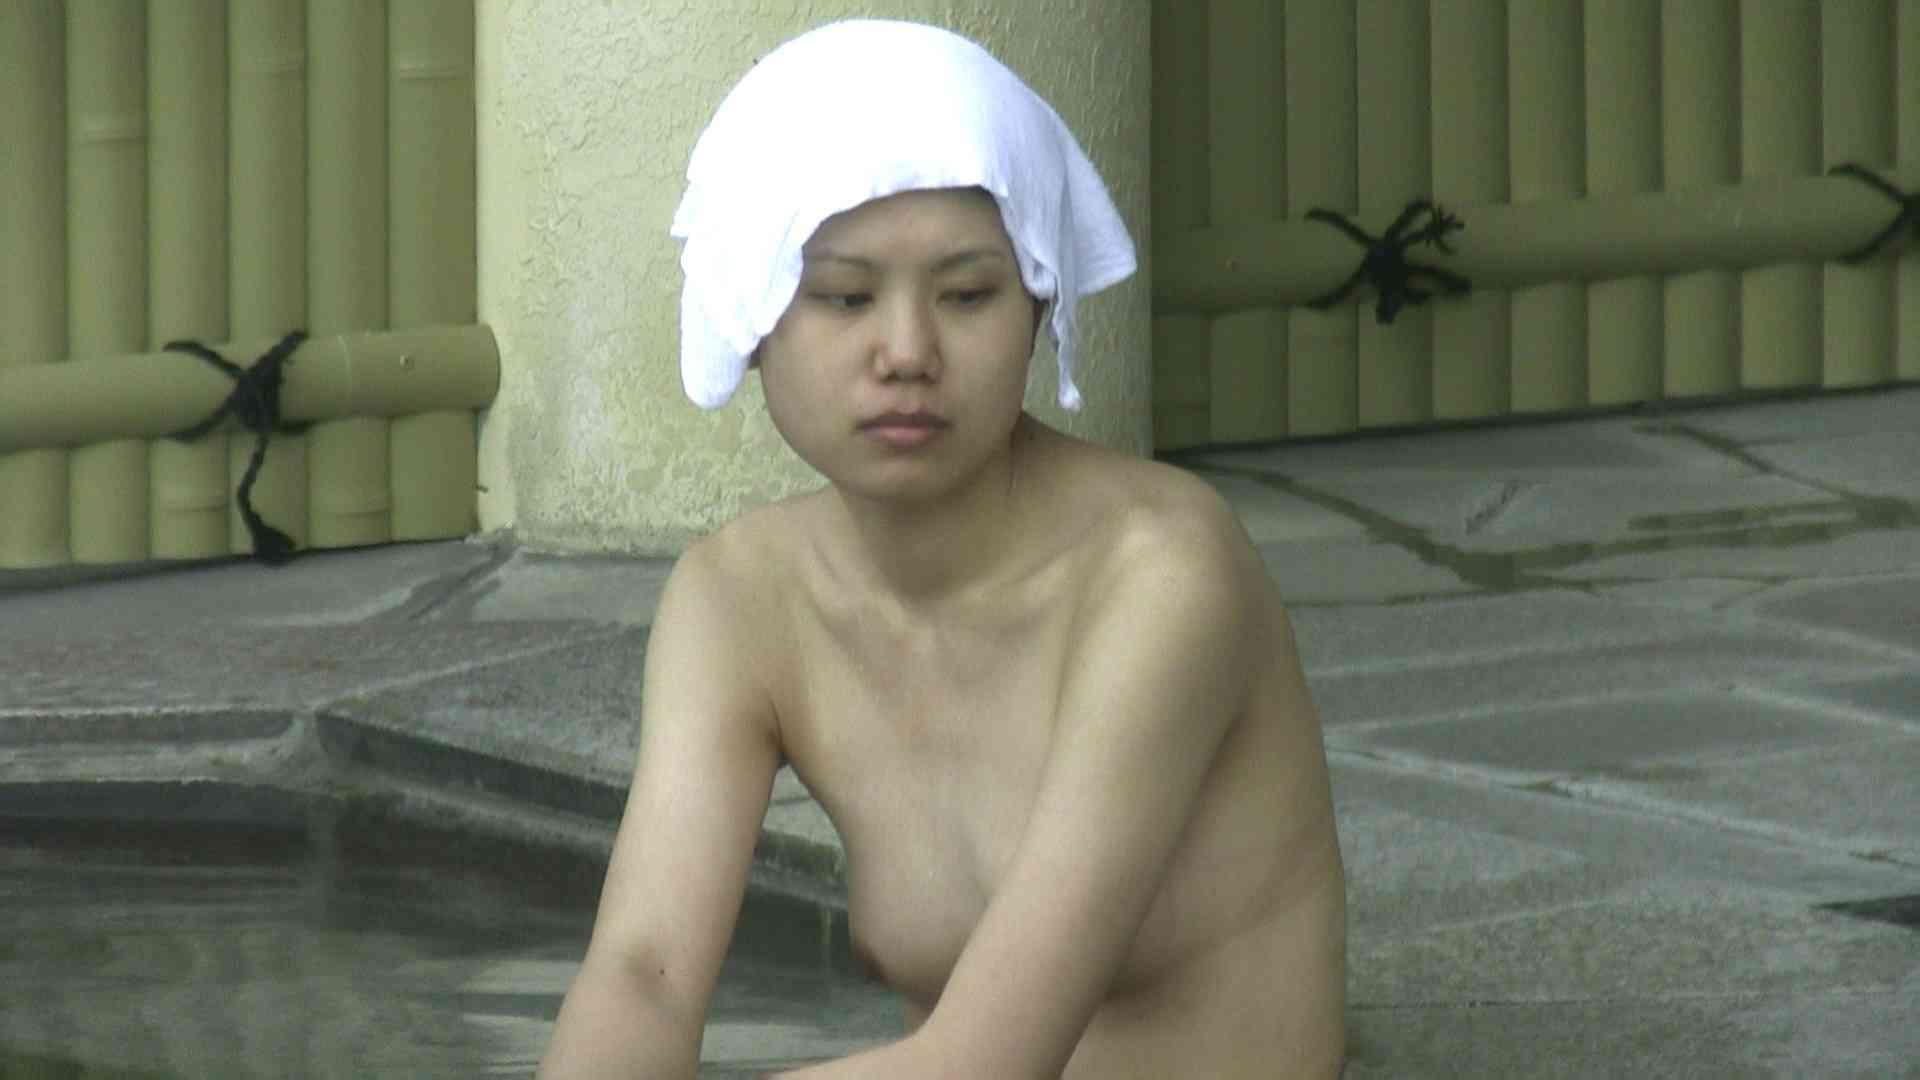 Aquaな露天風呂Vol.669 盗撮シリーズ  85PIX 4